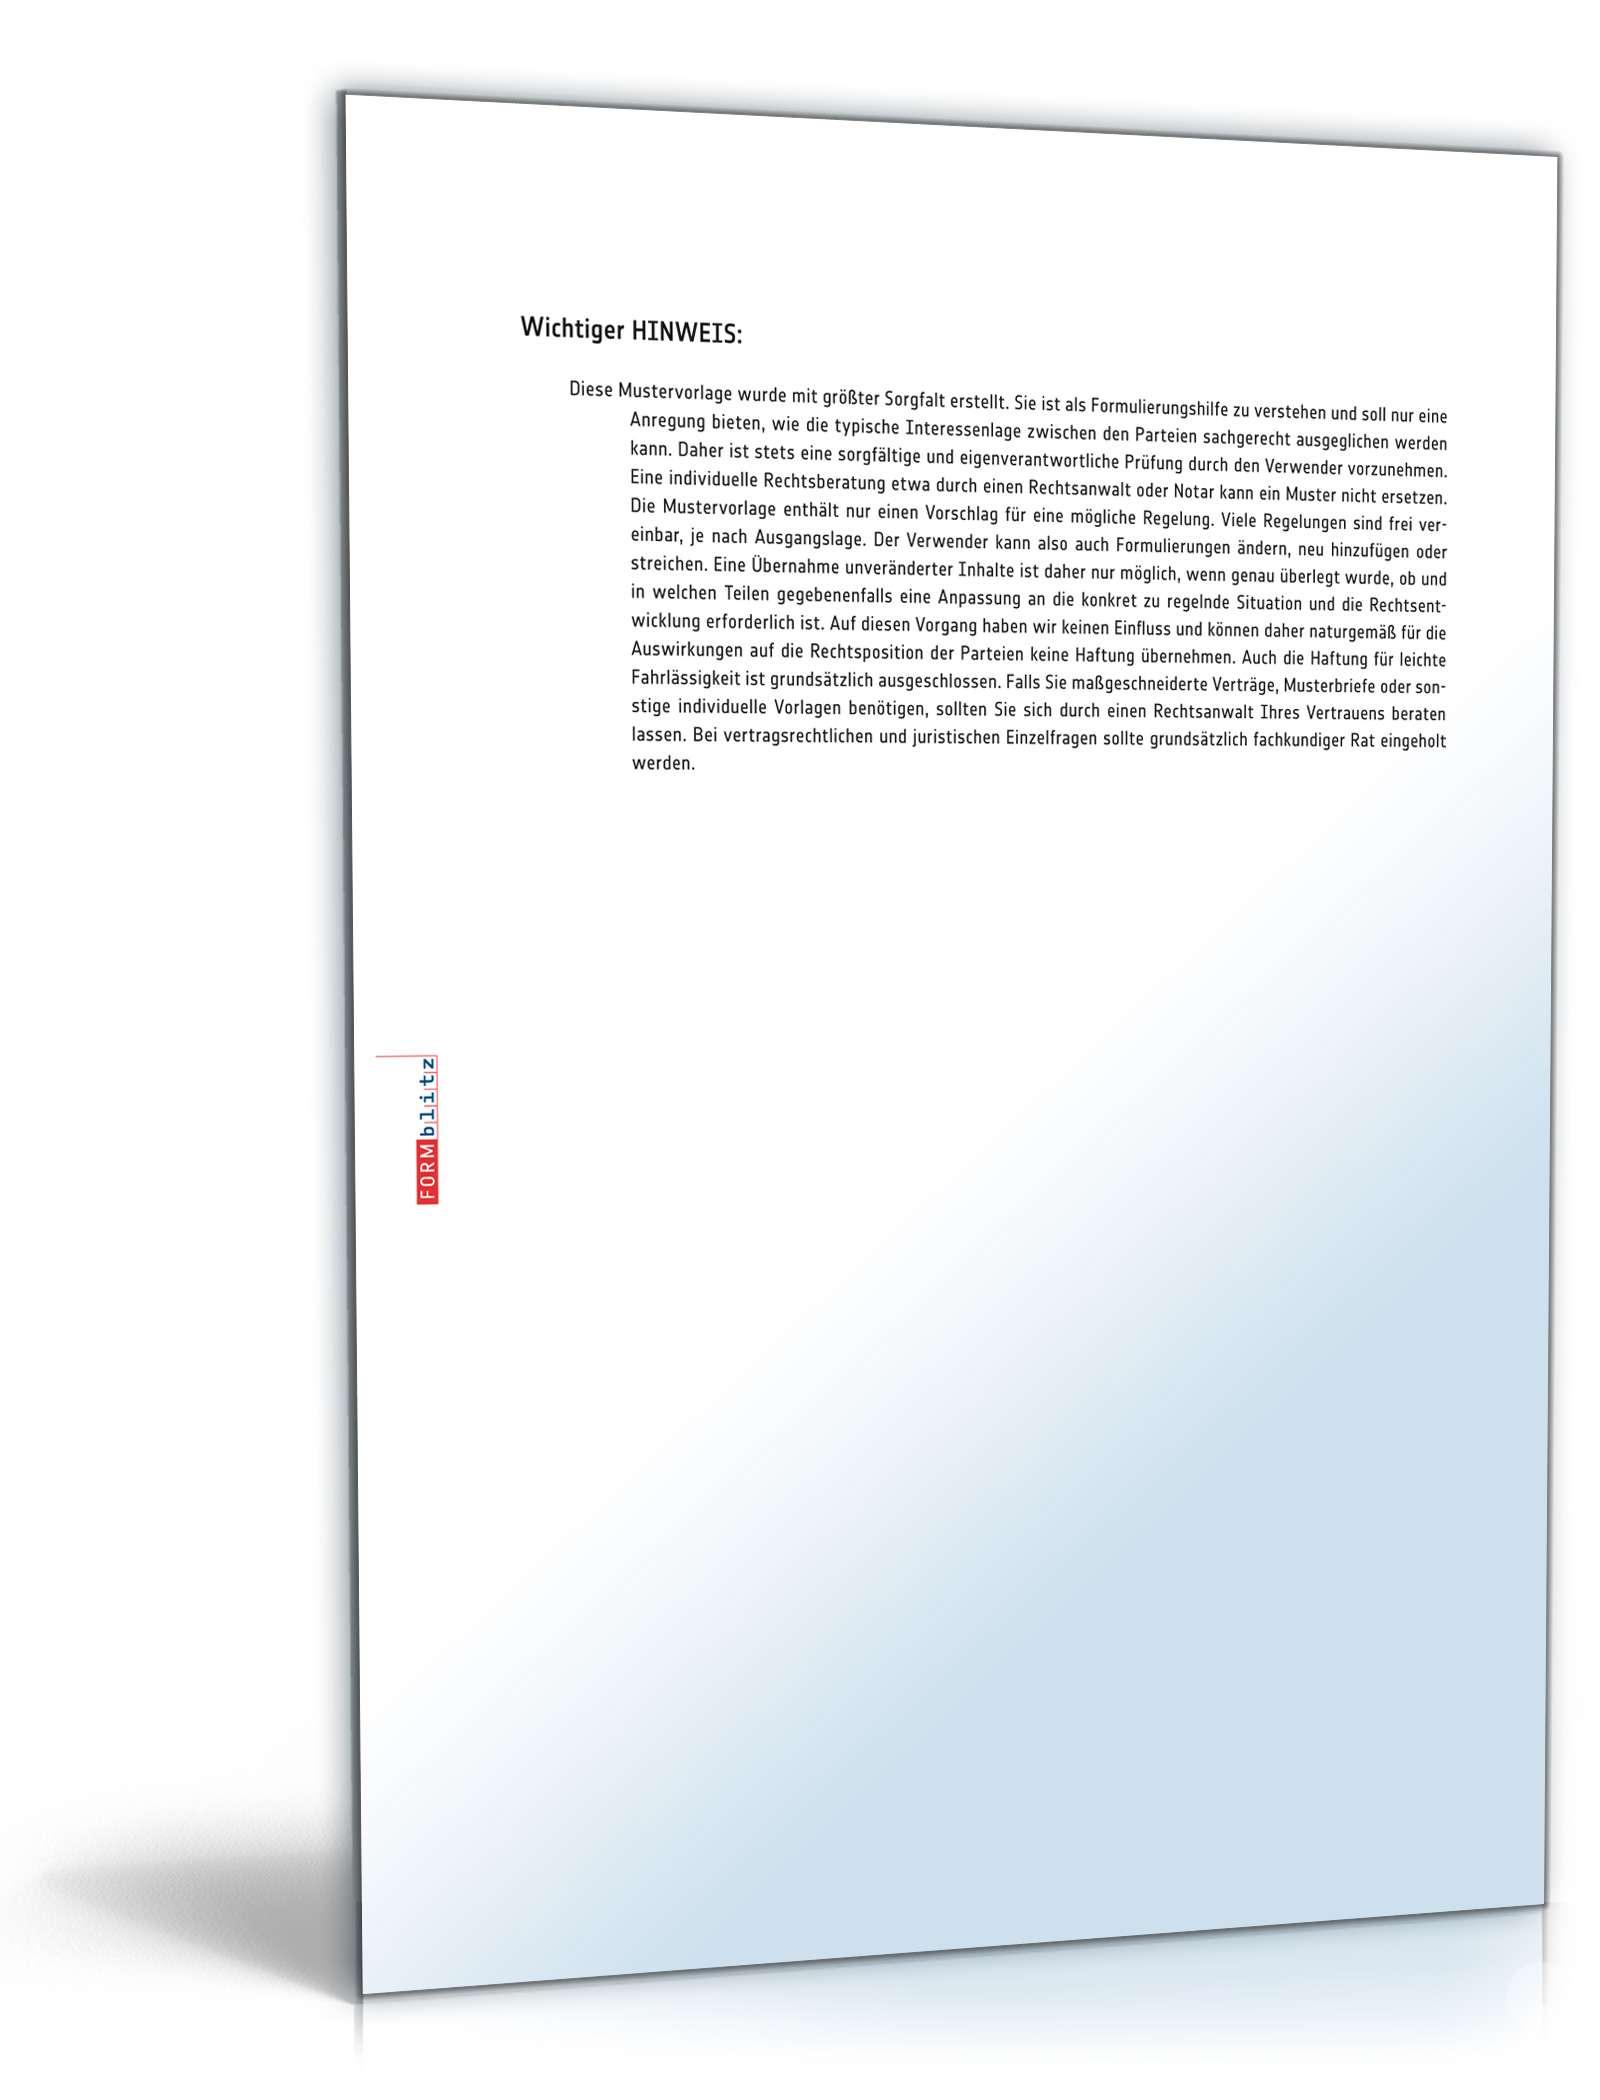 pdf seite 2 - Muster Reisekostenabrechnung